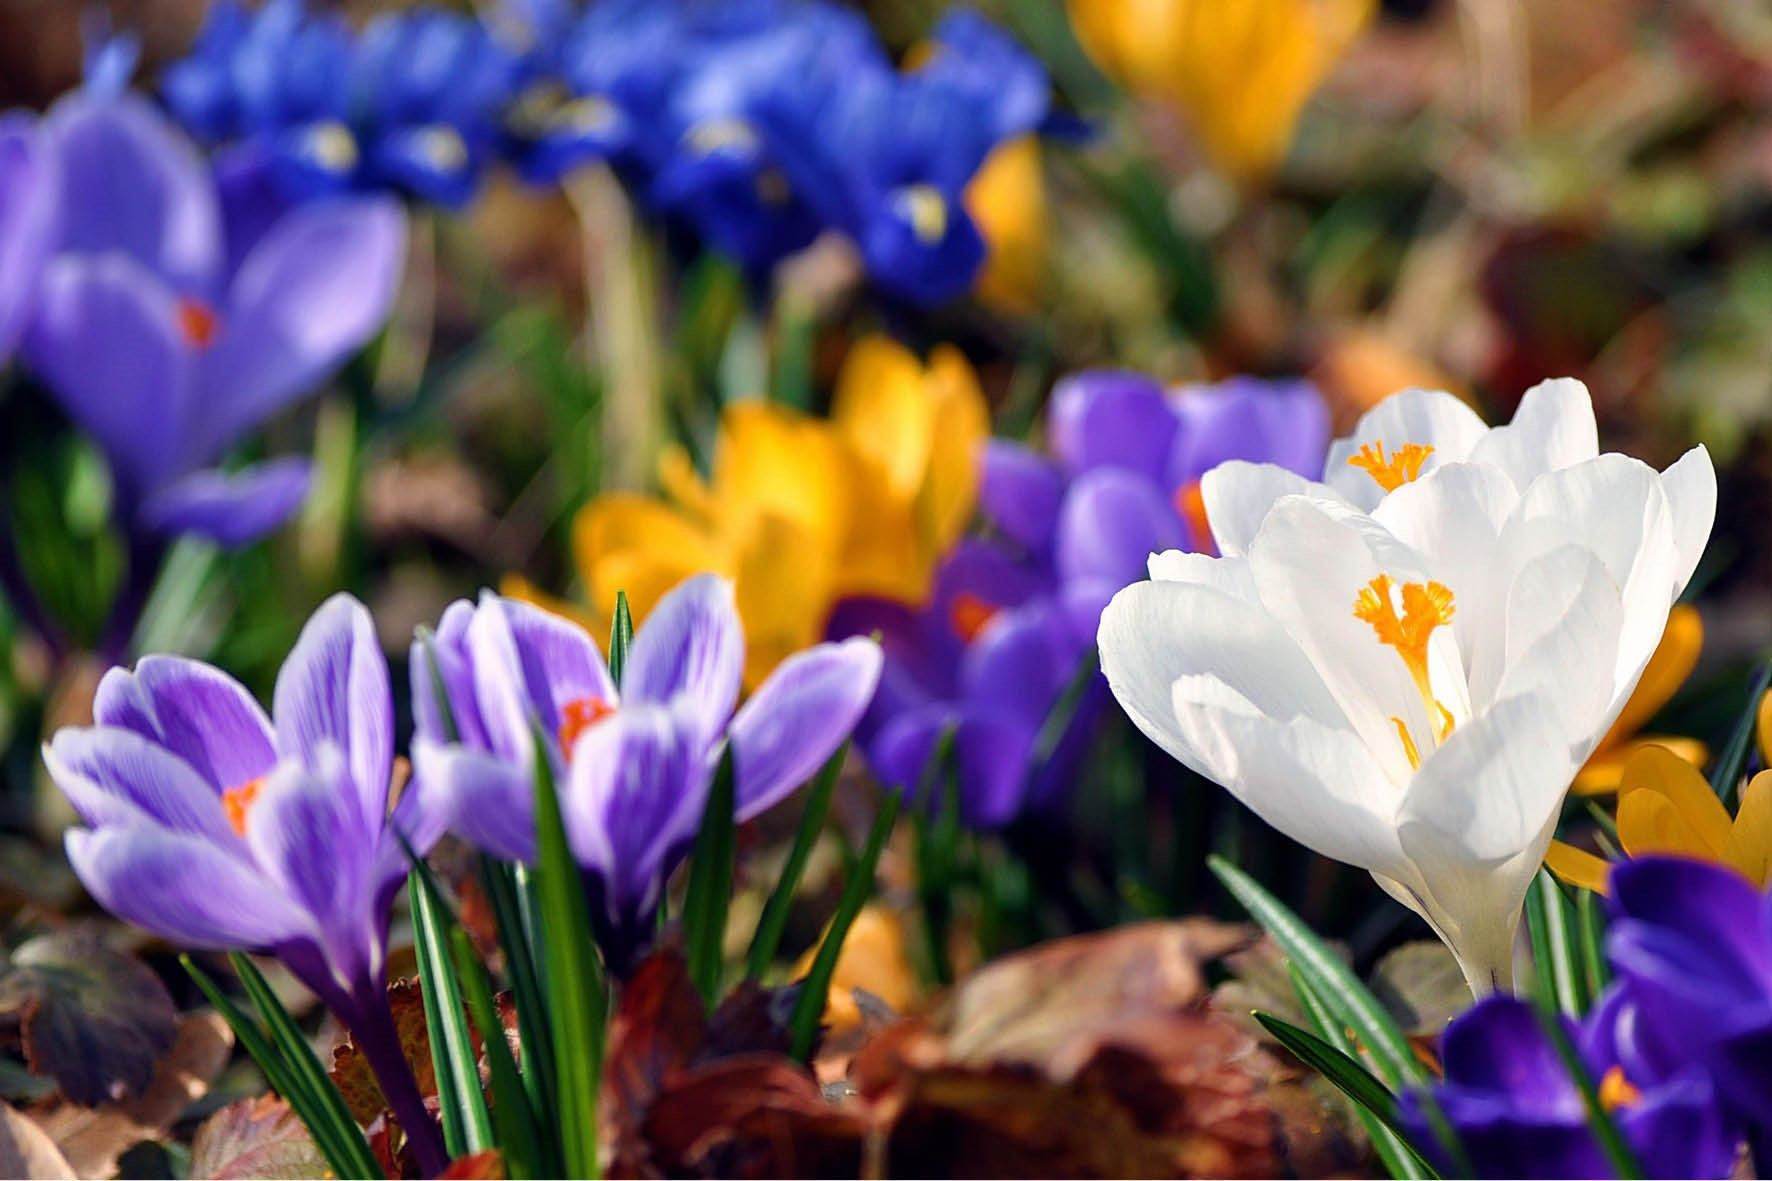 krokussen luiden de lente in! de winter is voorbij. | flower